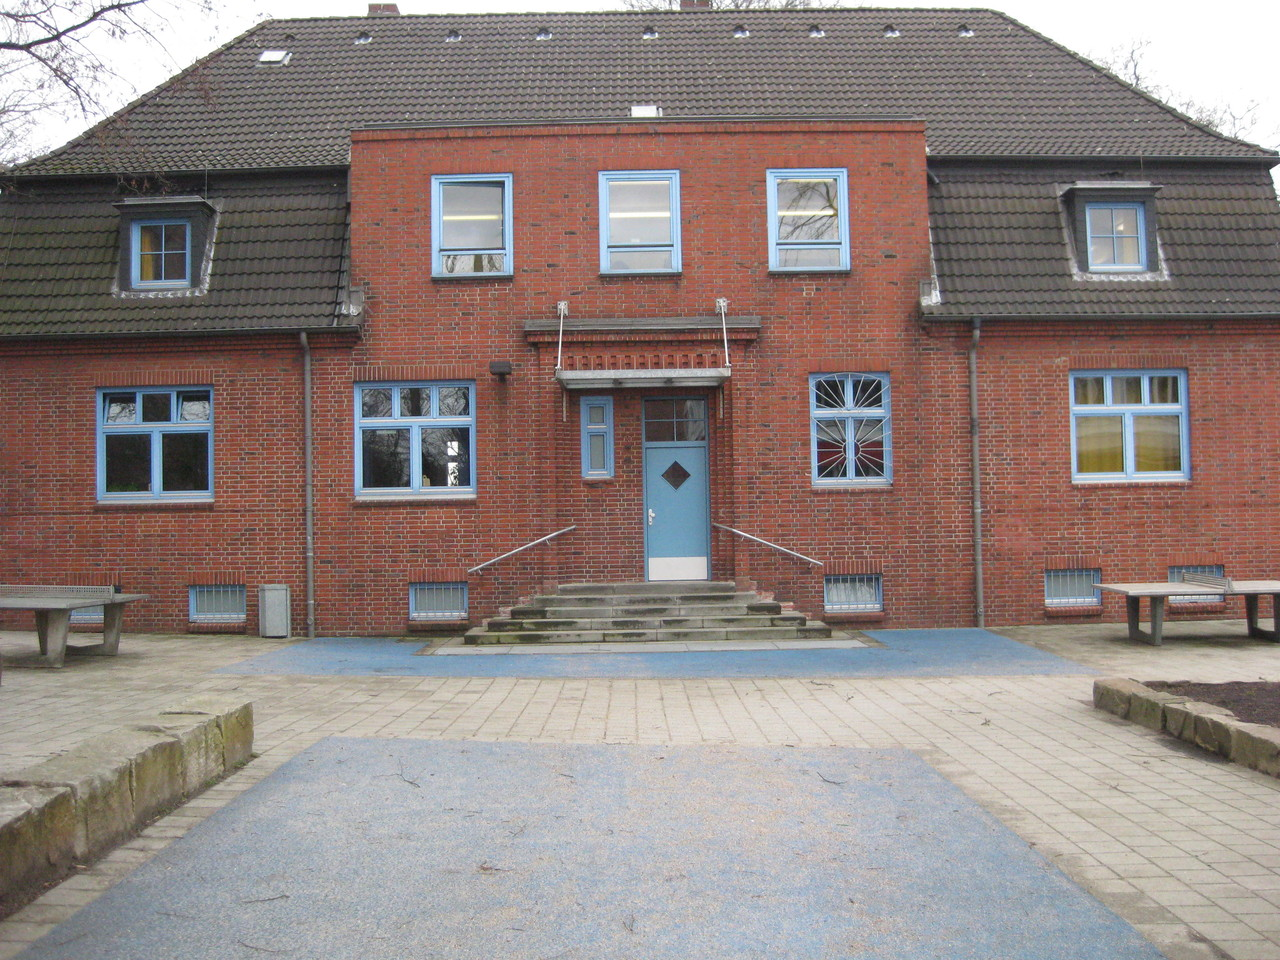 Schulgebäude, Lackierung der Fenster 1